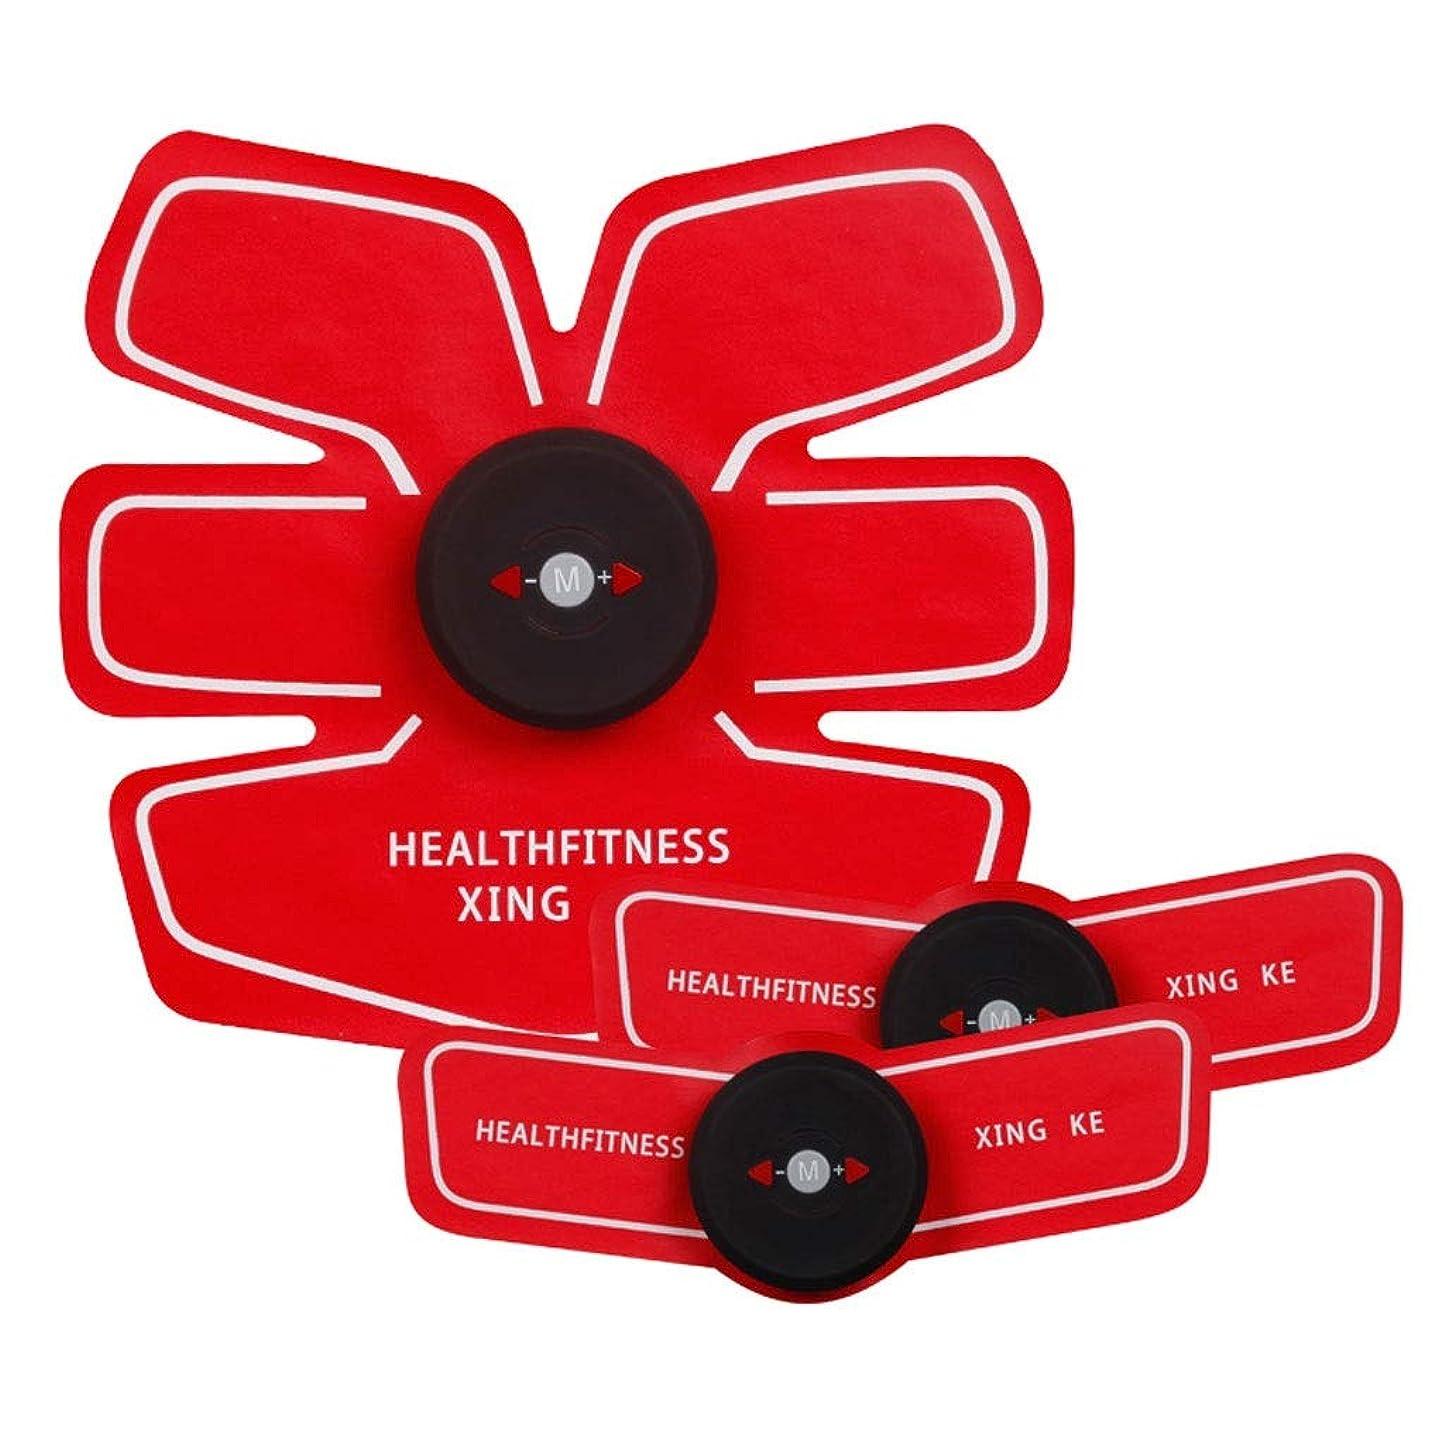 北方スティック筋肉のABSトレーナーEMS筋肉刺激装置付きLCDディスプレイUSB充電式究極腹部刺激装置付きリズムソフトインパルス6モード9レベルポータブル (Color : Red, Size : A+2B)